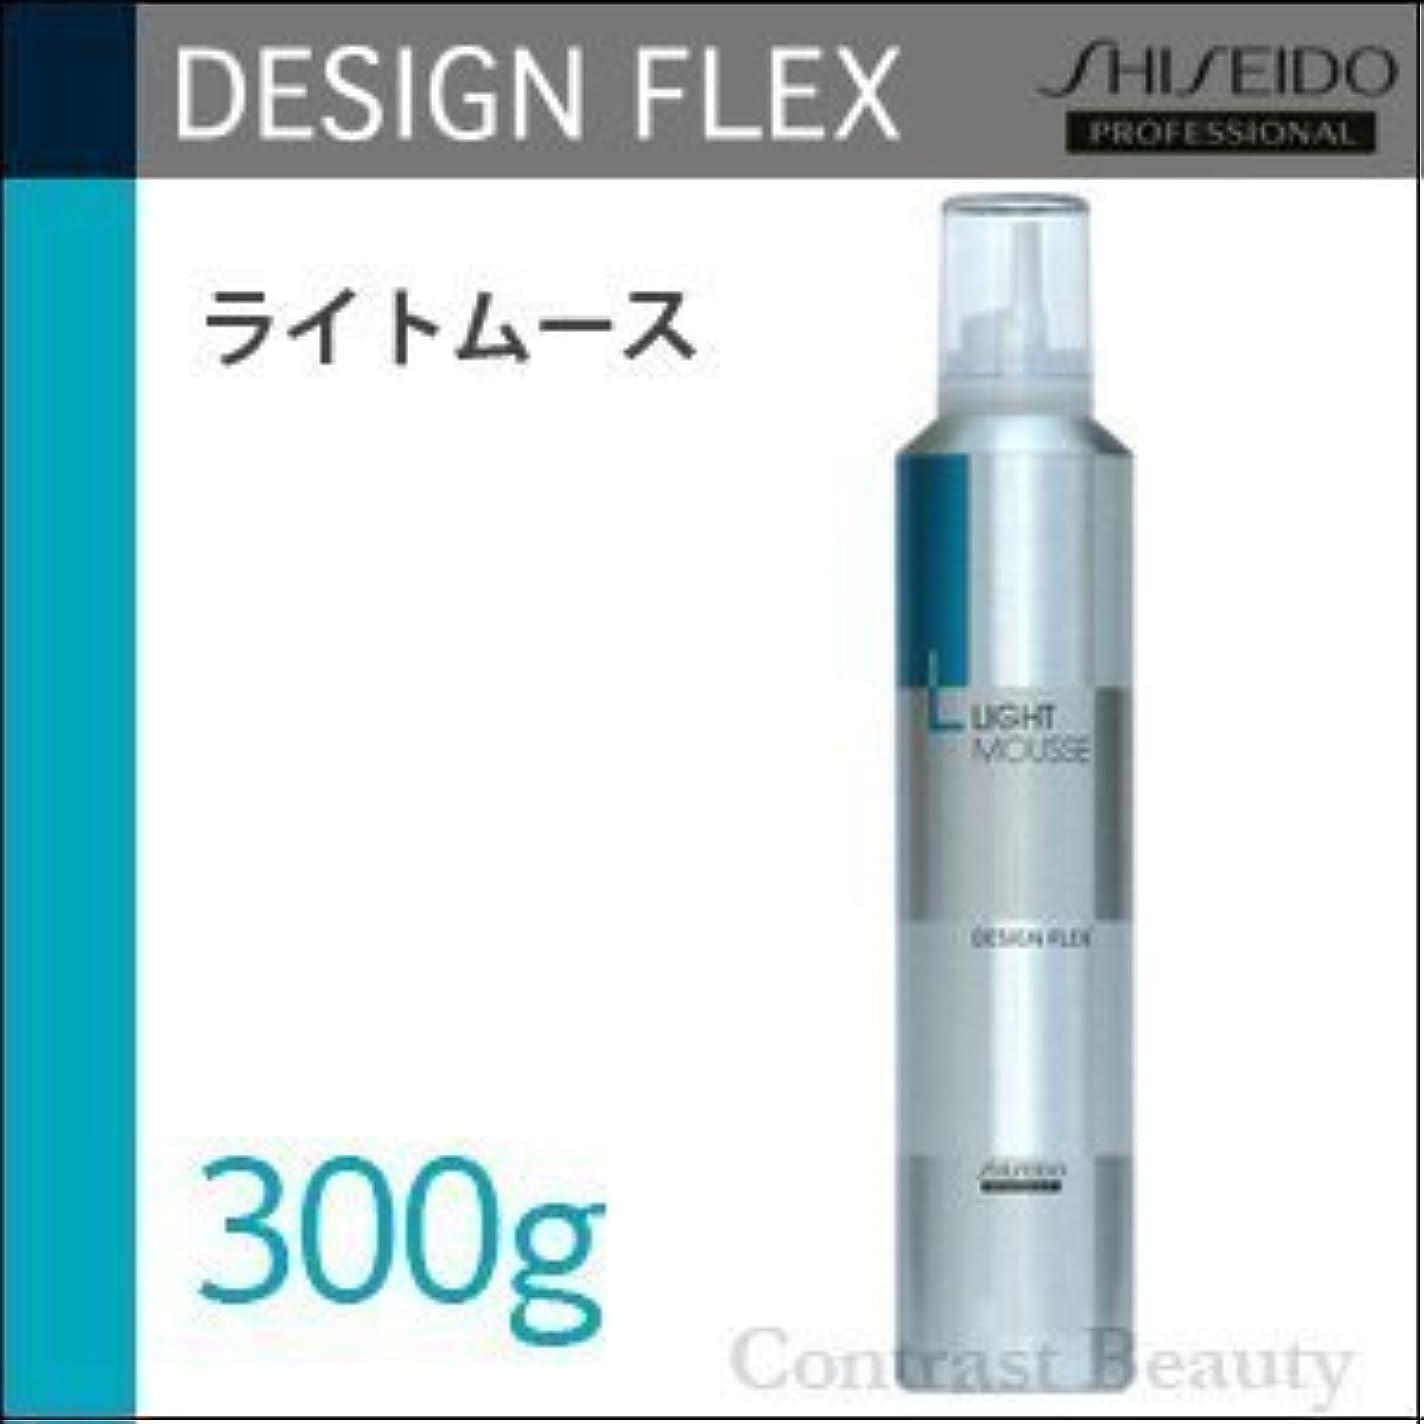 序文清める二層資生堂プロフェッショナル デザインフレックス ライトムース 300g